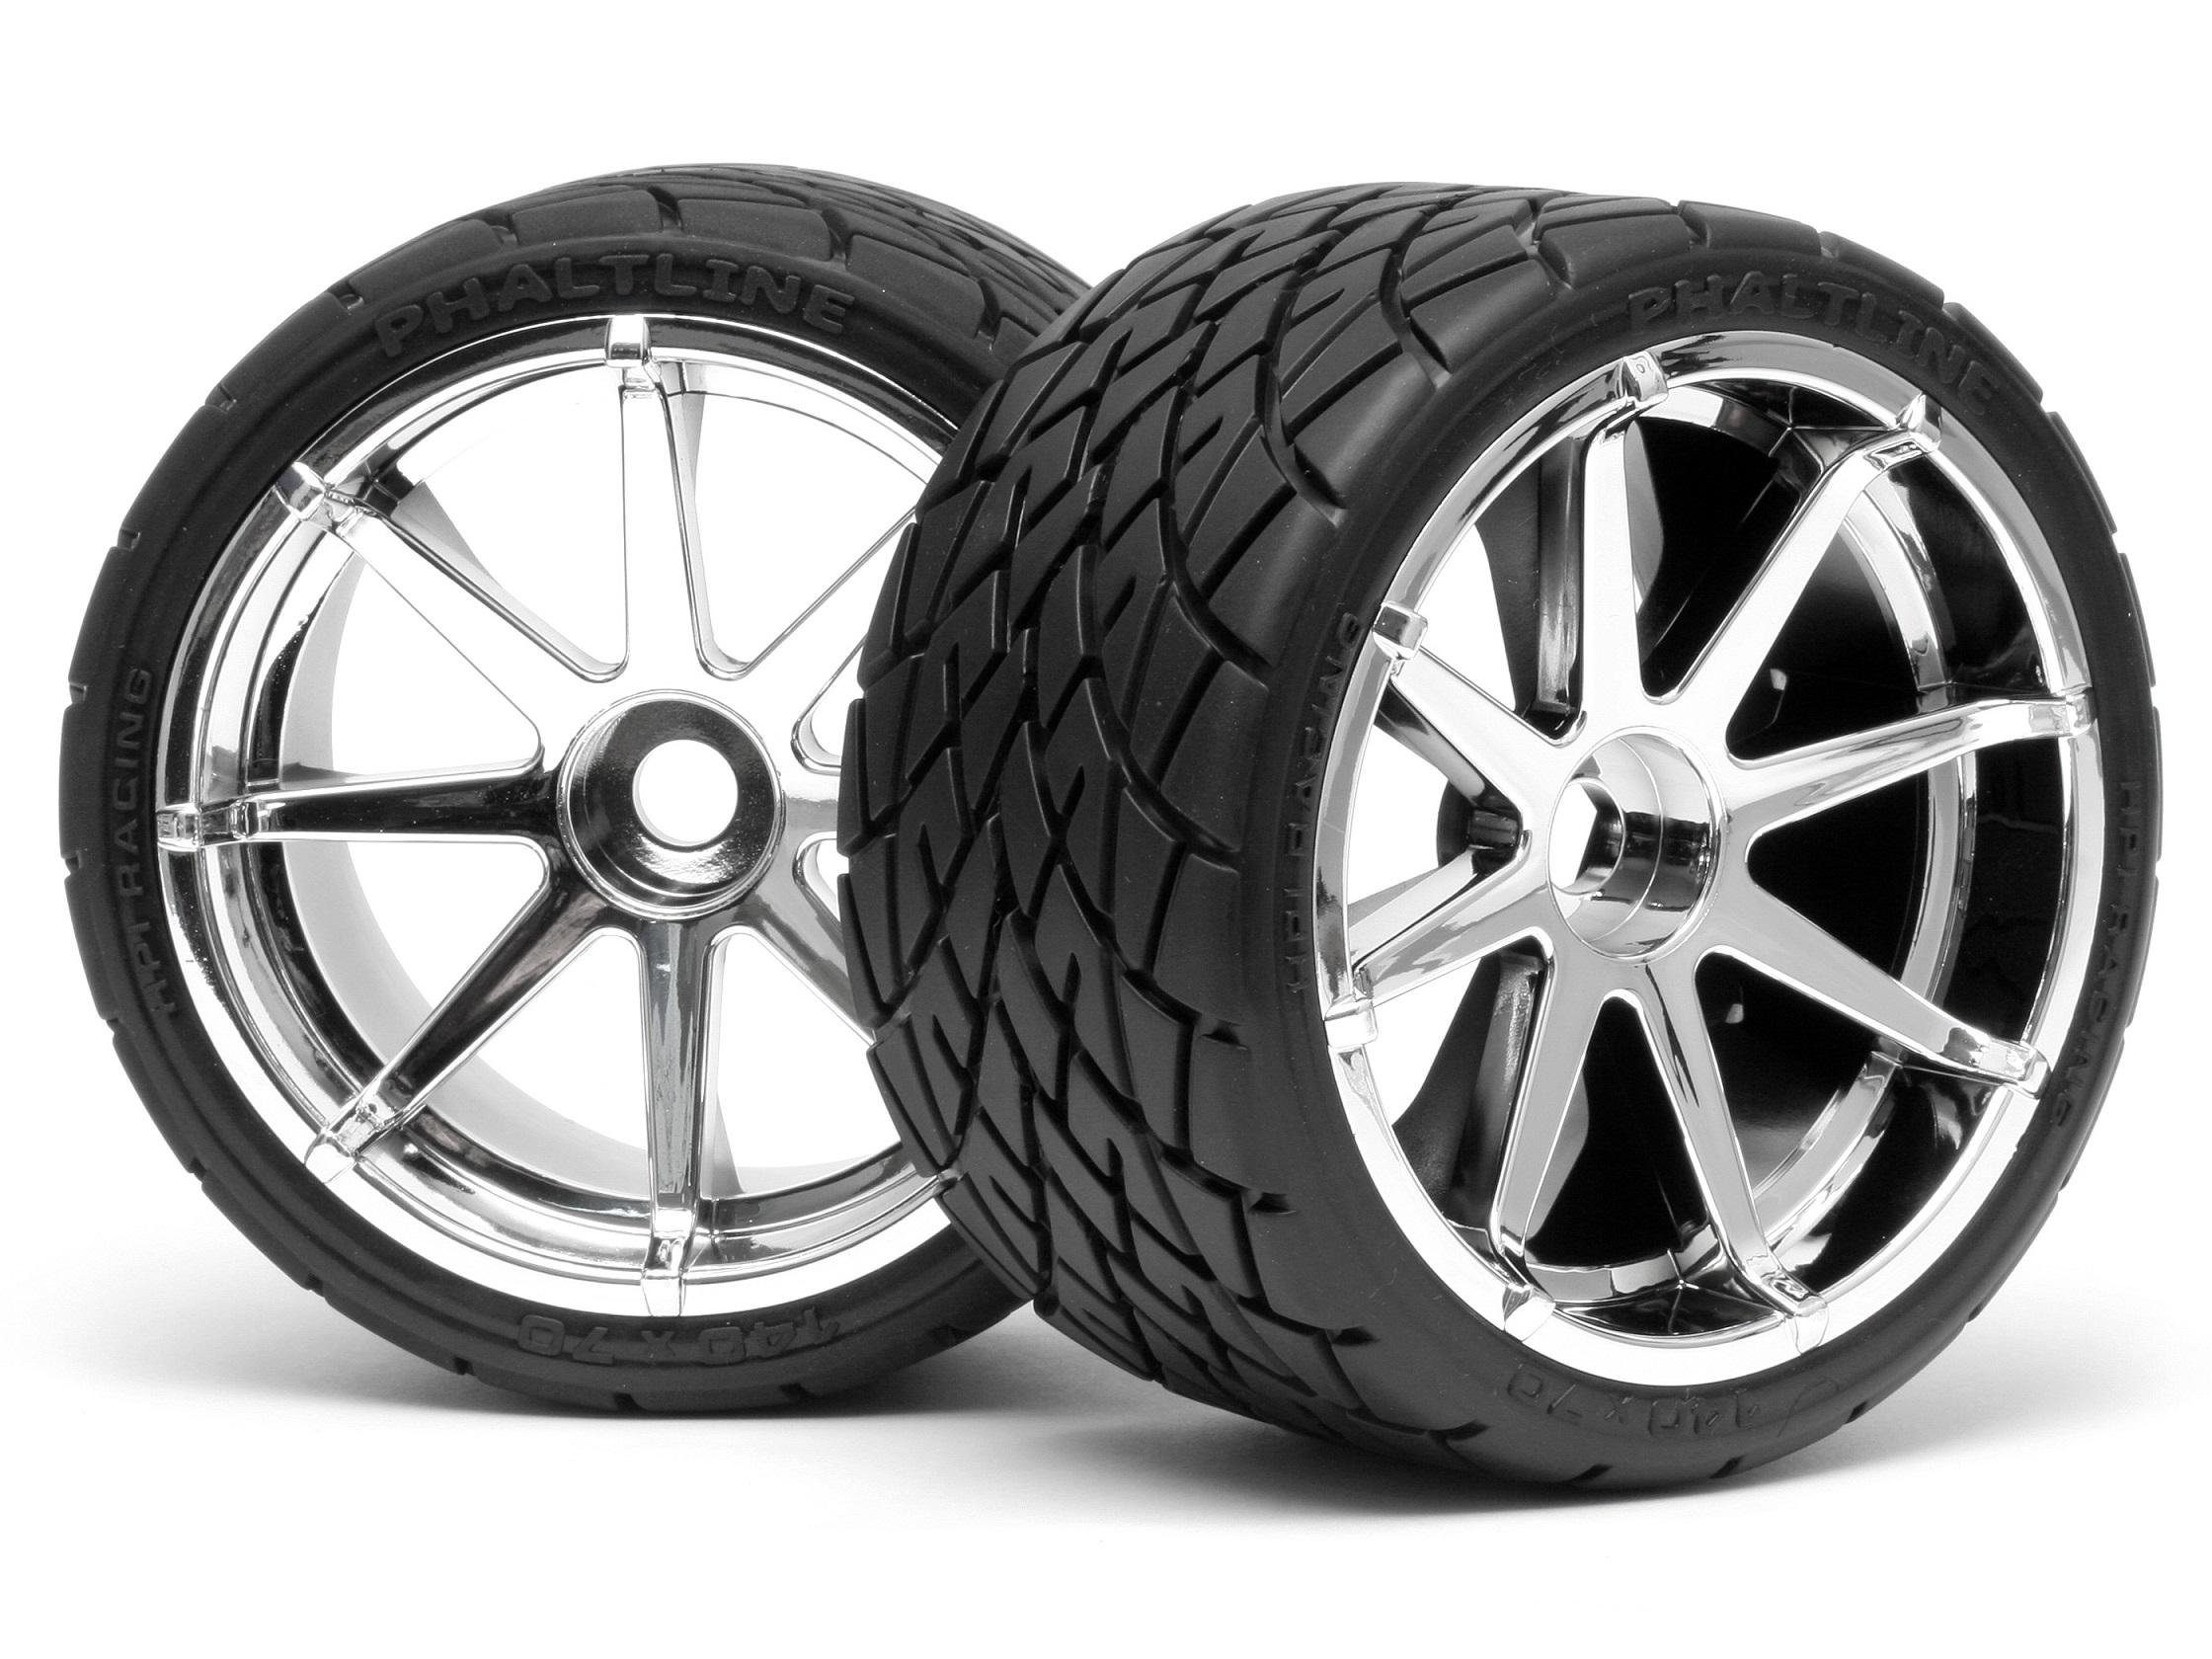 Как купить шины максимально выгодно? Советы и инструкции